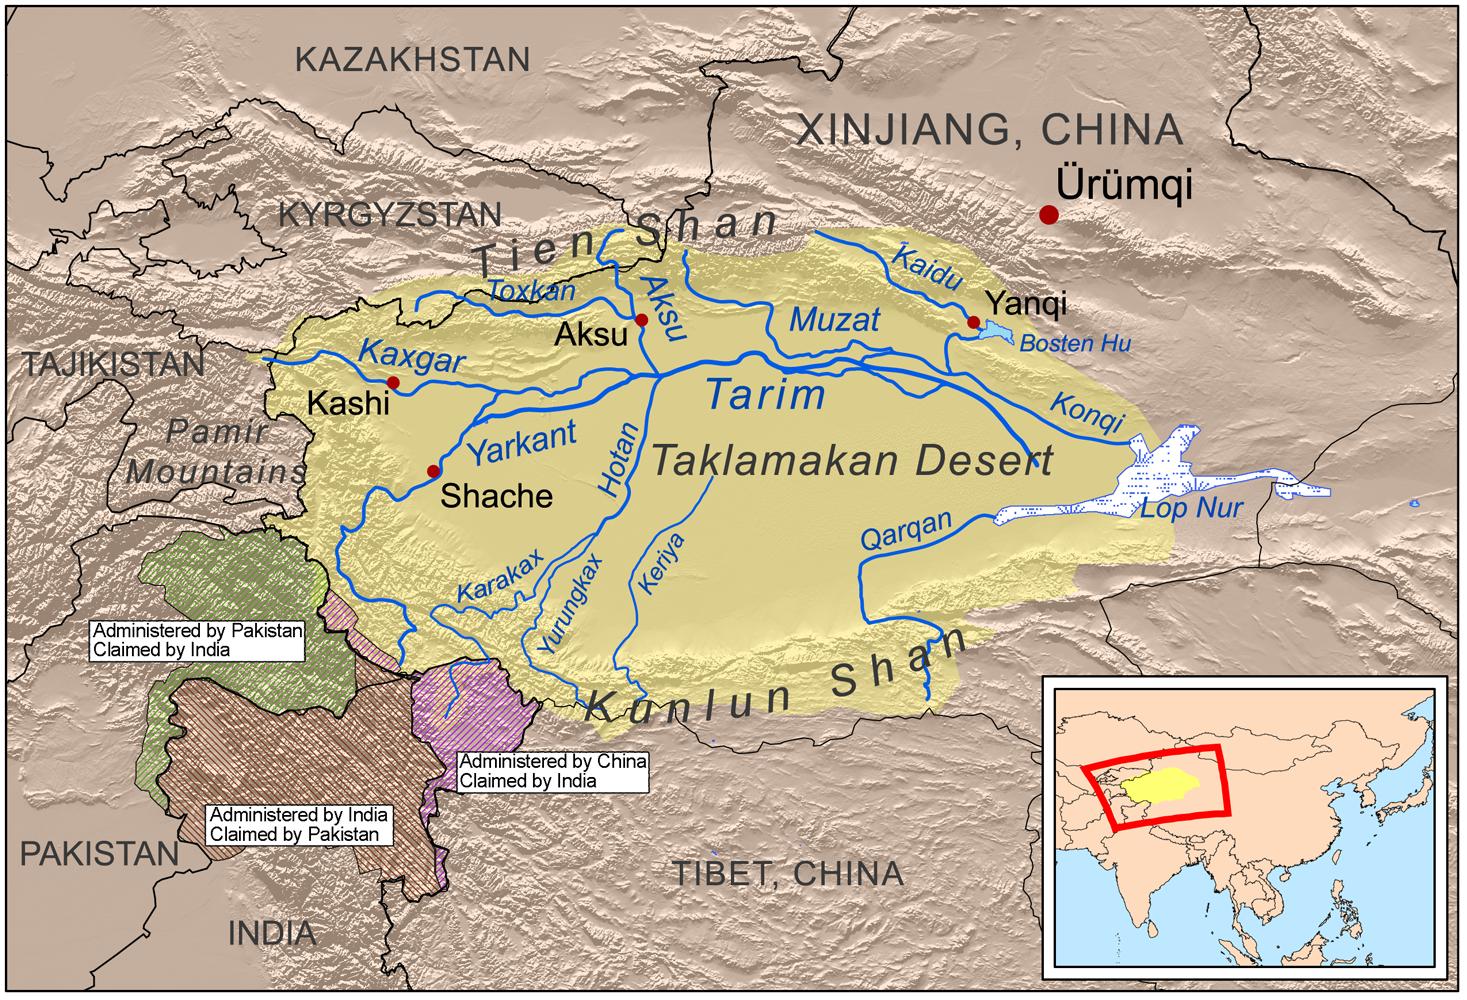 Trung Quốc phát hiện mỏ dầu với trữ lượng khoảng 900 triệu tấn